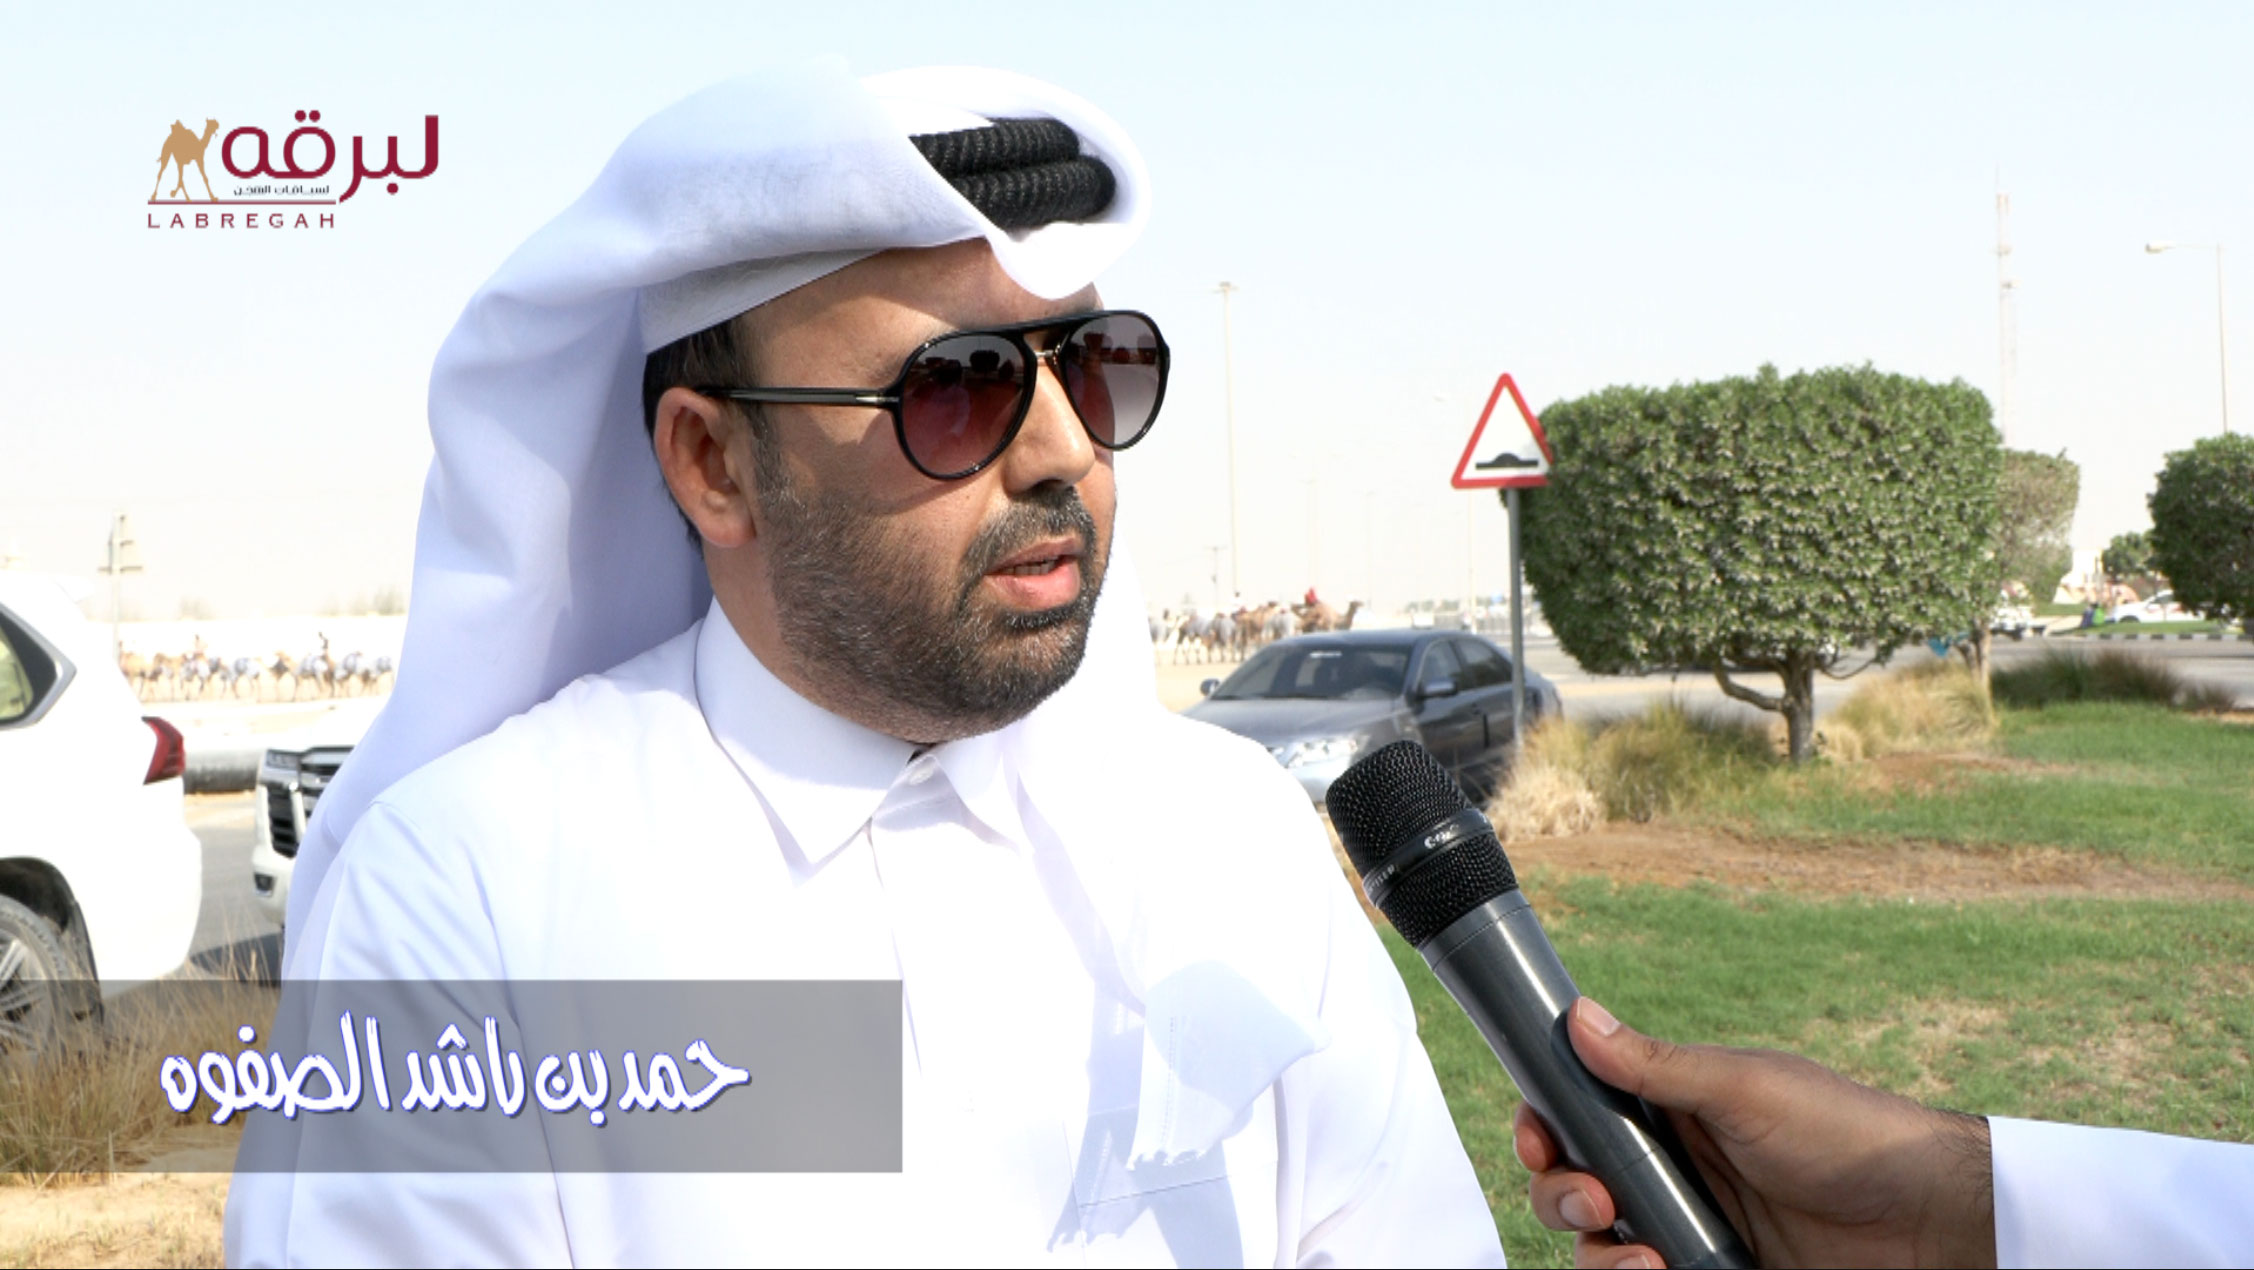 لقاء مع حمد بن راشد الصفوه.. الشوط الرئيسي للحيل (مفتوح) ميدان الشحانية ١٢-٩-٢٠٢١